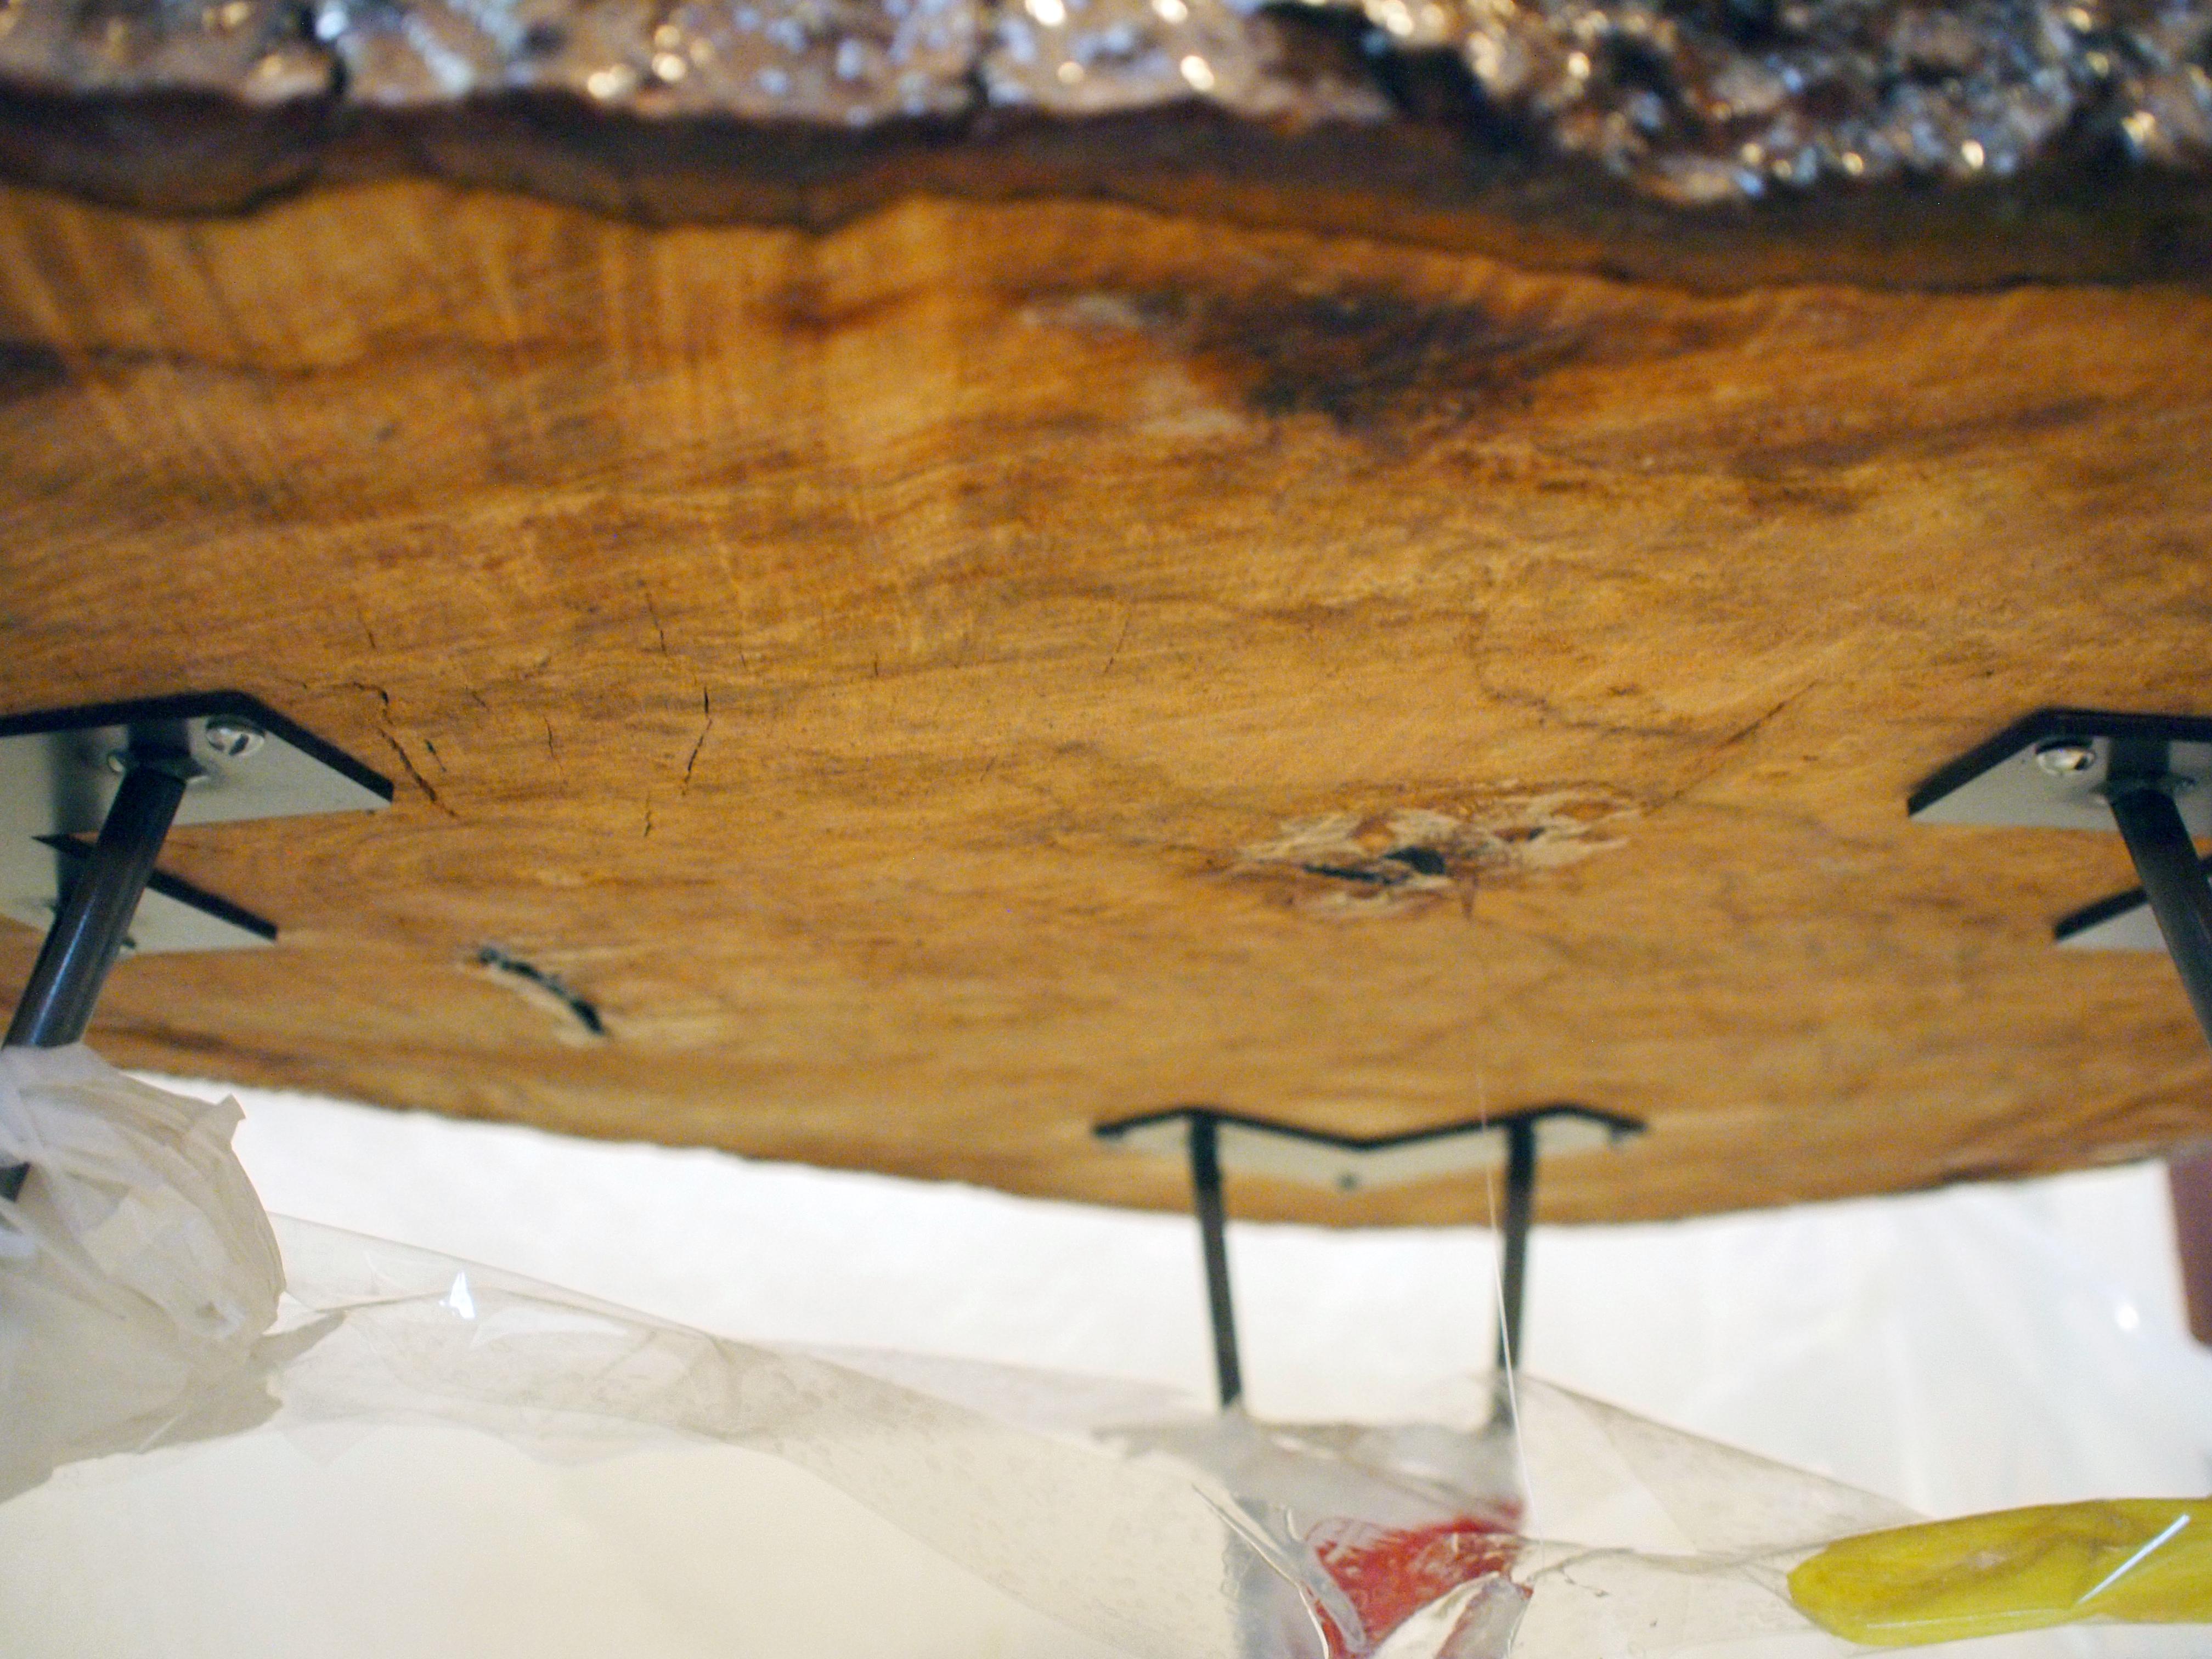 braincrafts_maple-cookie-slab-table-27.jpg